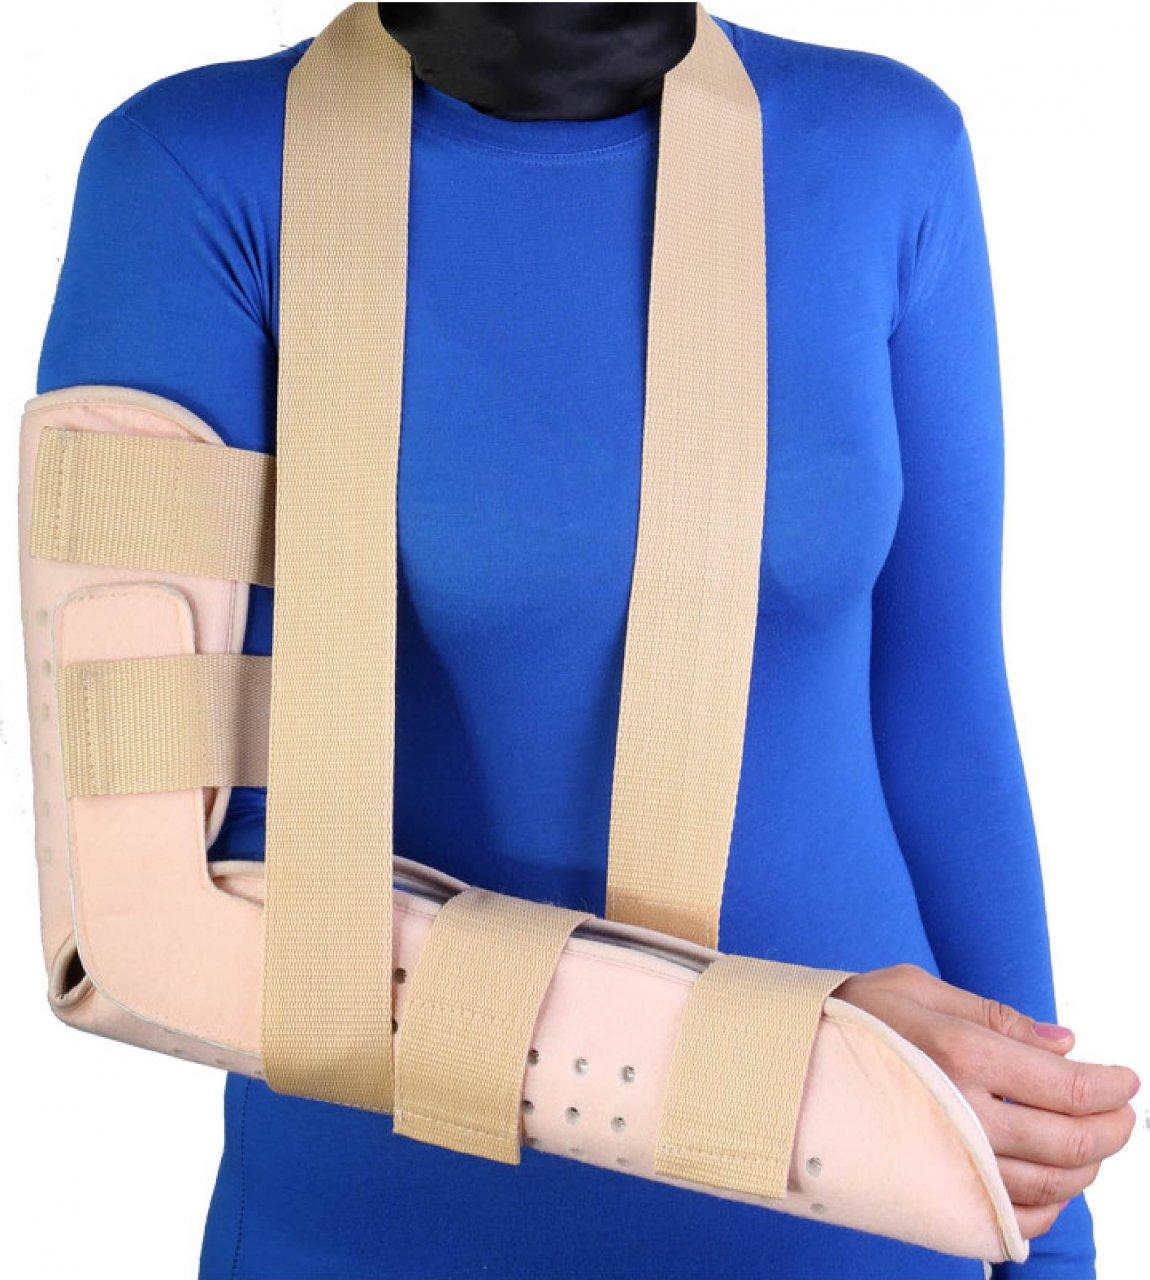 آتل اورژانسی ساعد و بازو طب و صنعت تک سایز